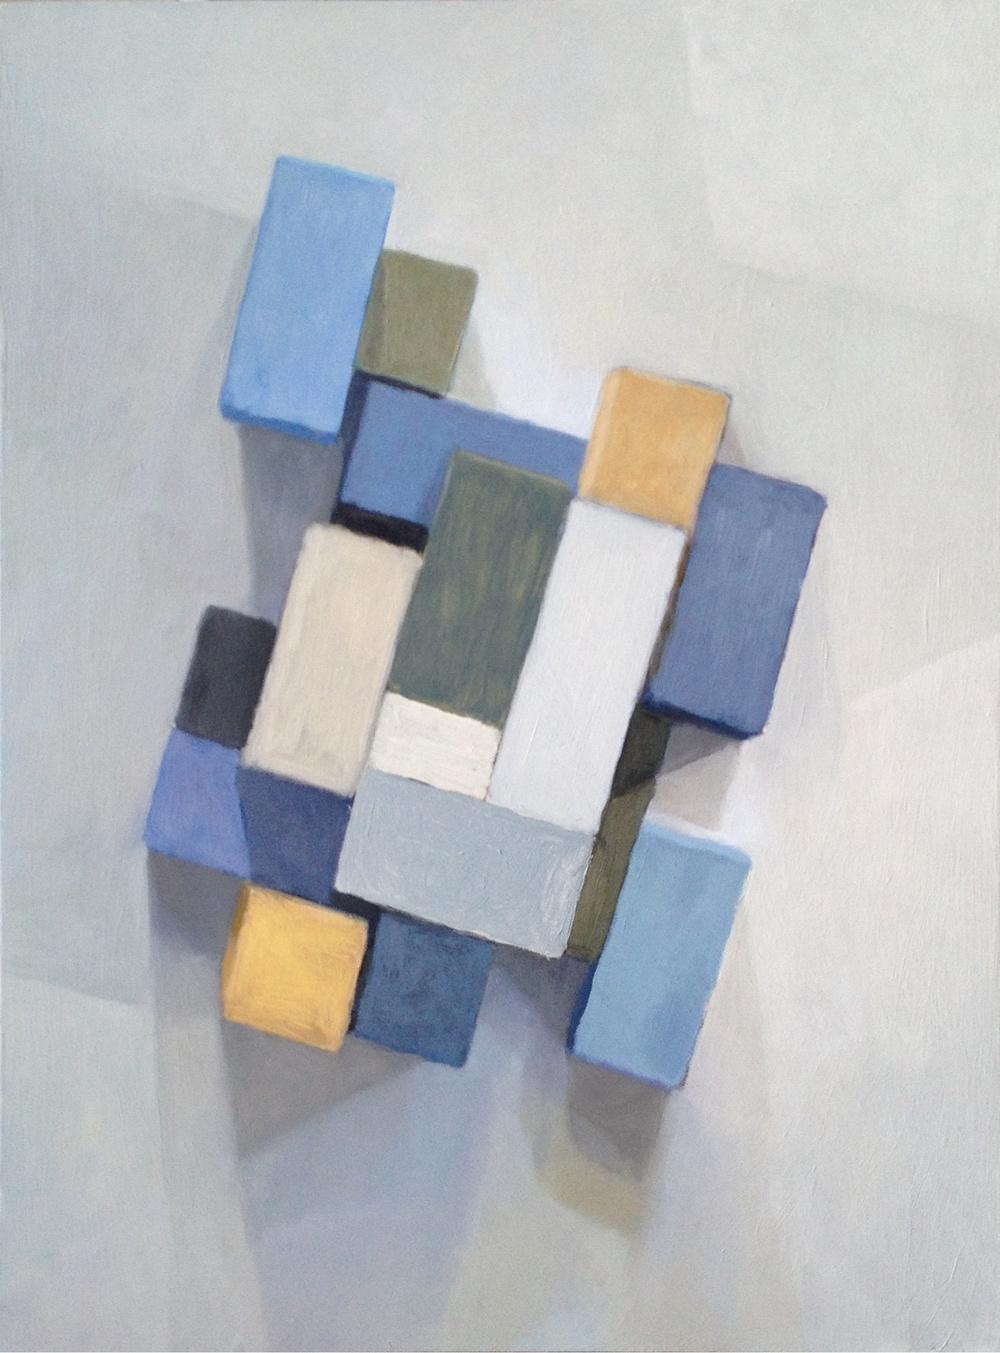 Cross Light I, 2013  Oil on wood, 50 x 40 cm